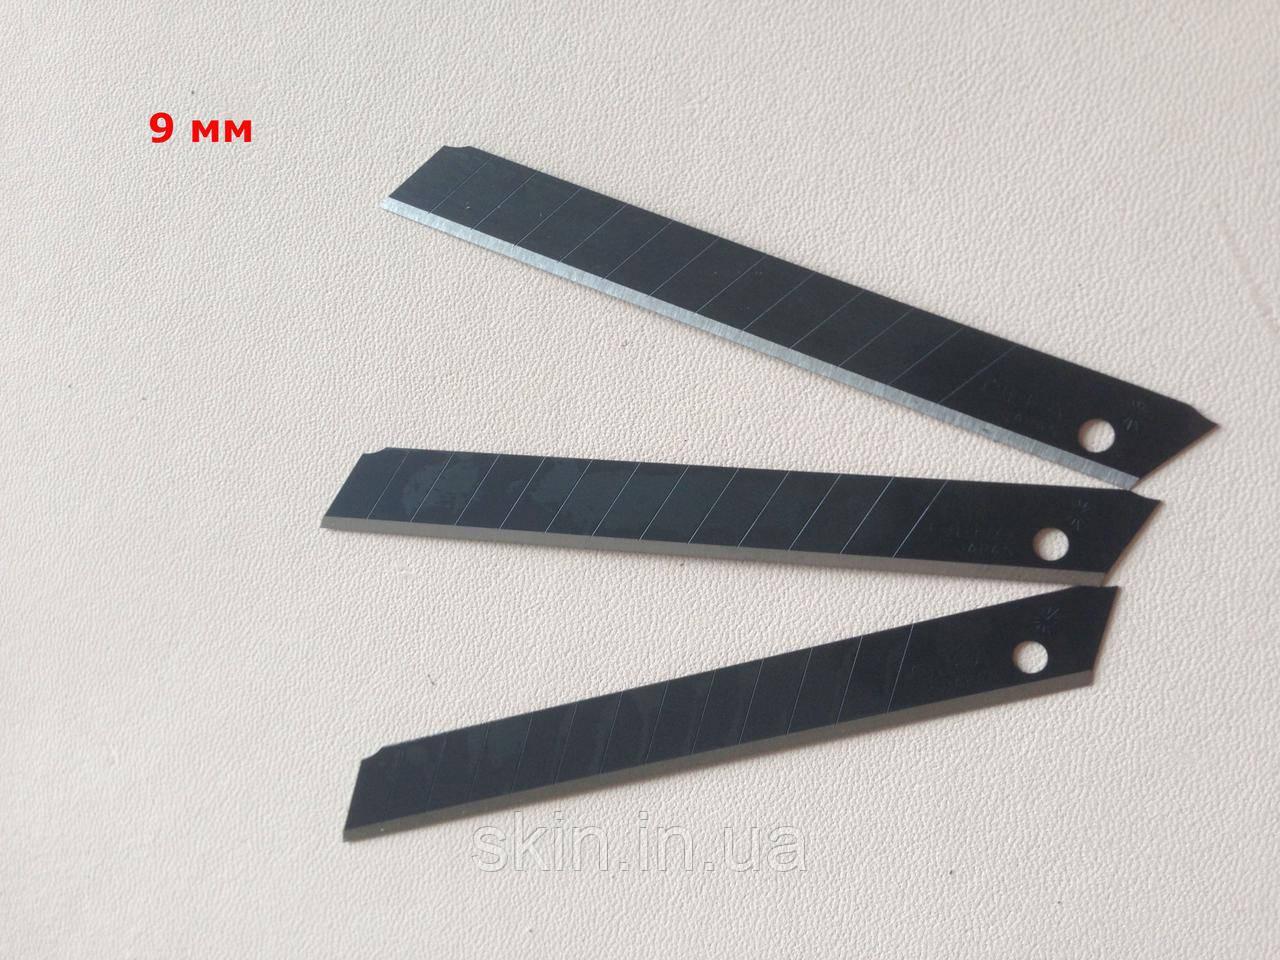 Лезвия OLFA сегментированные, ширина - 9 мм, толщина 0.38 мм., в упаковке - 3 шт., артикул СК 6052